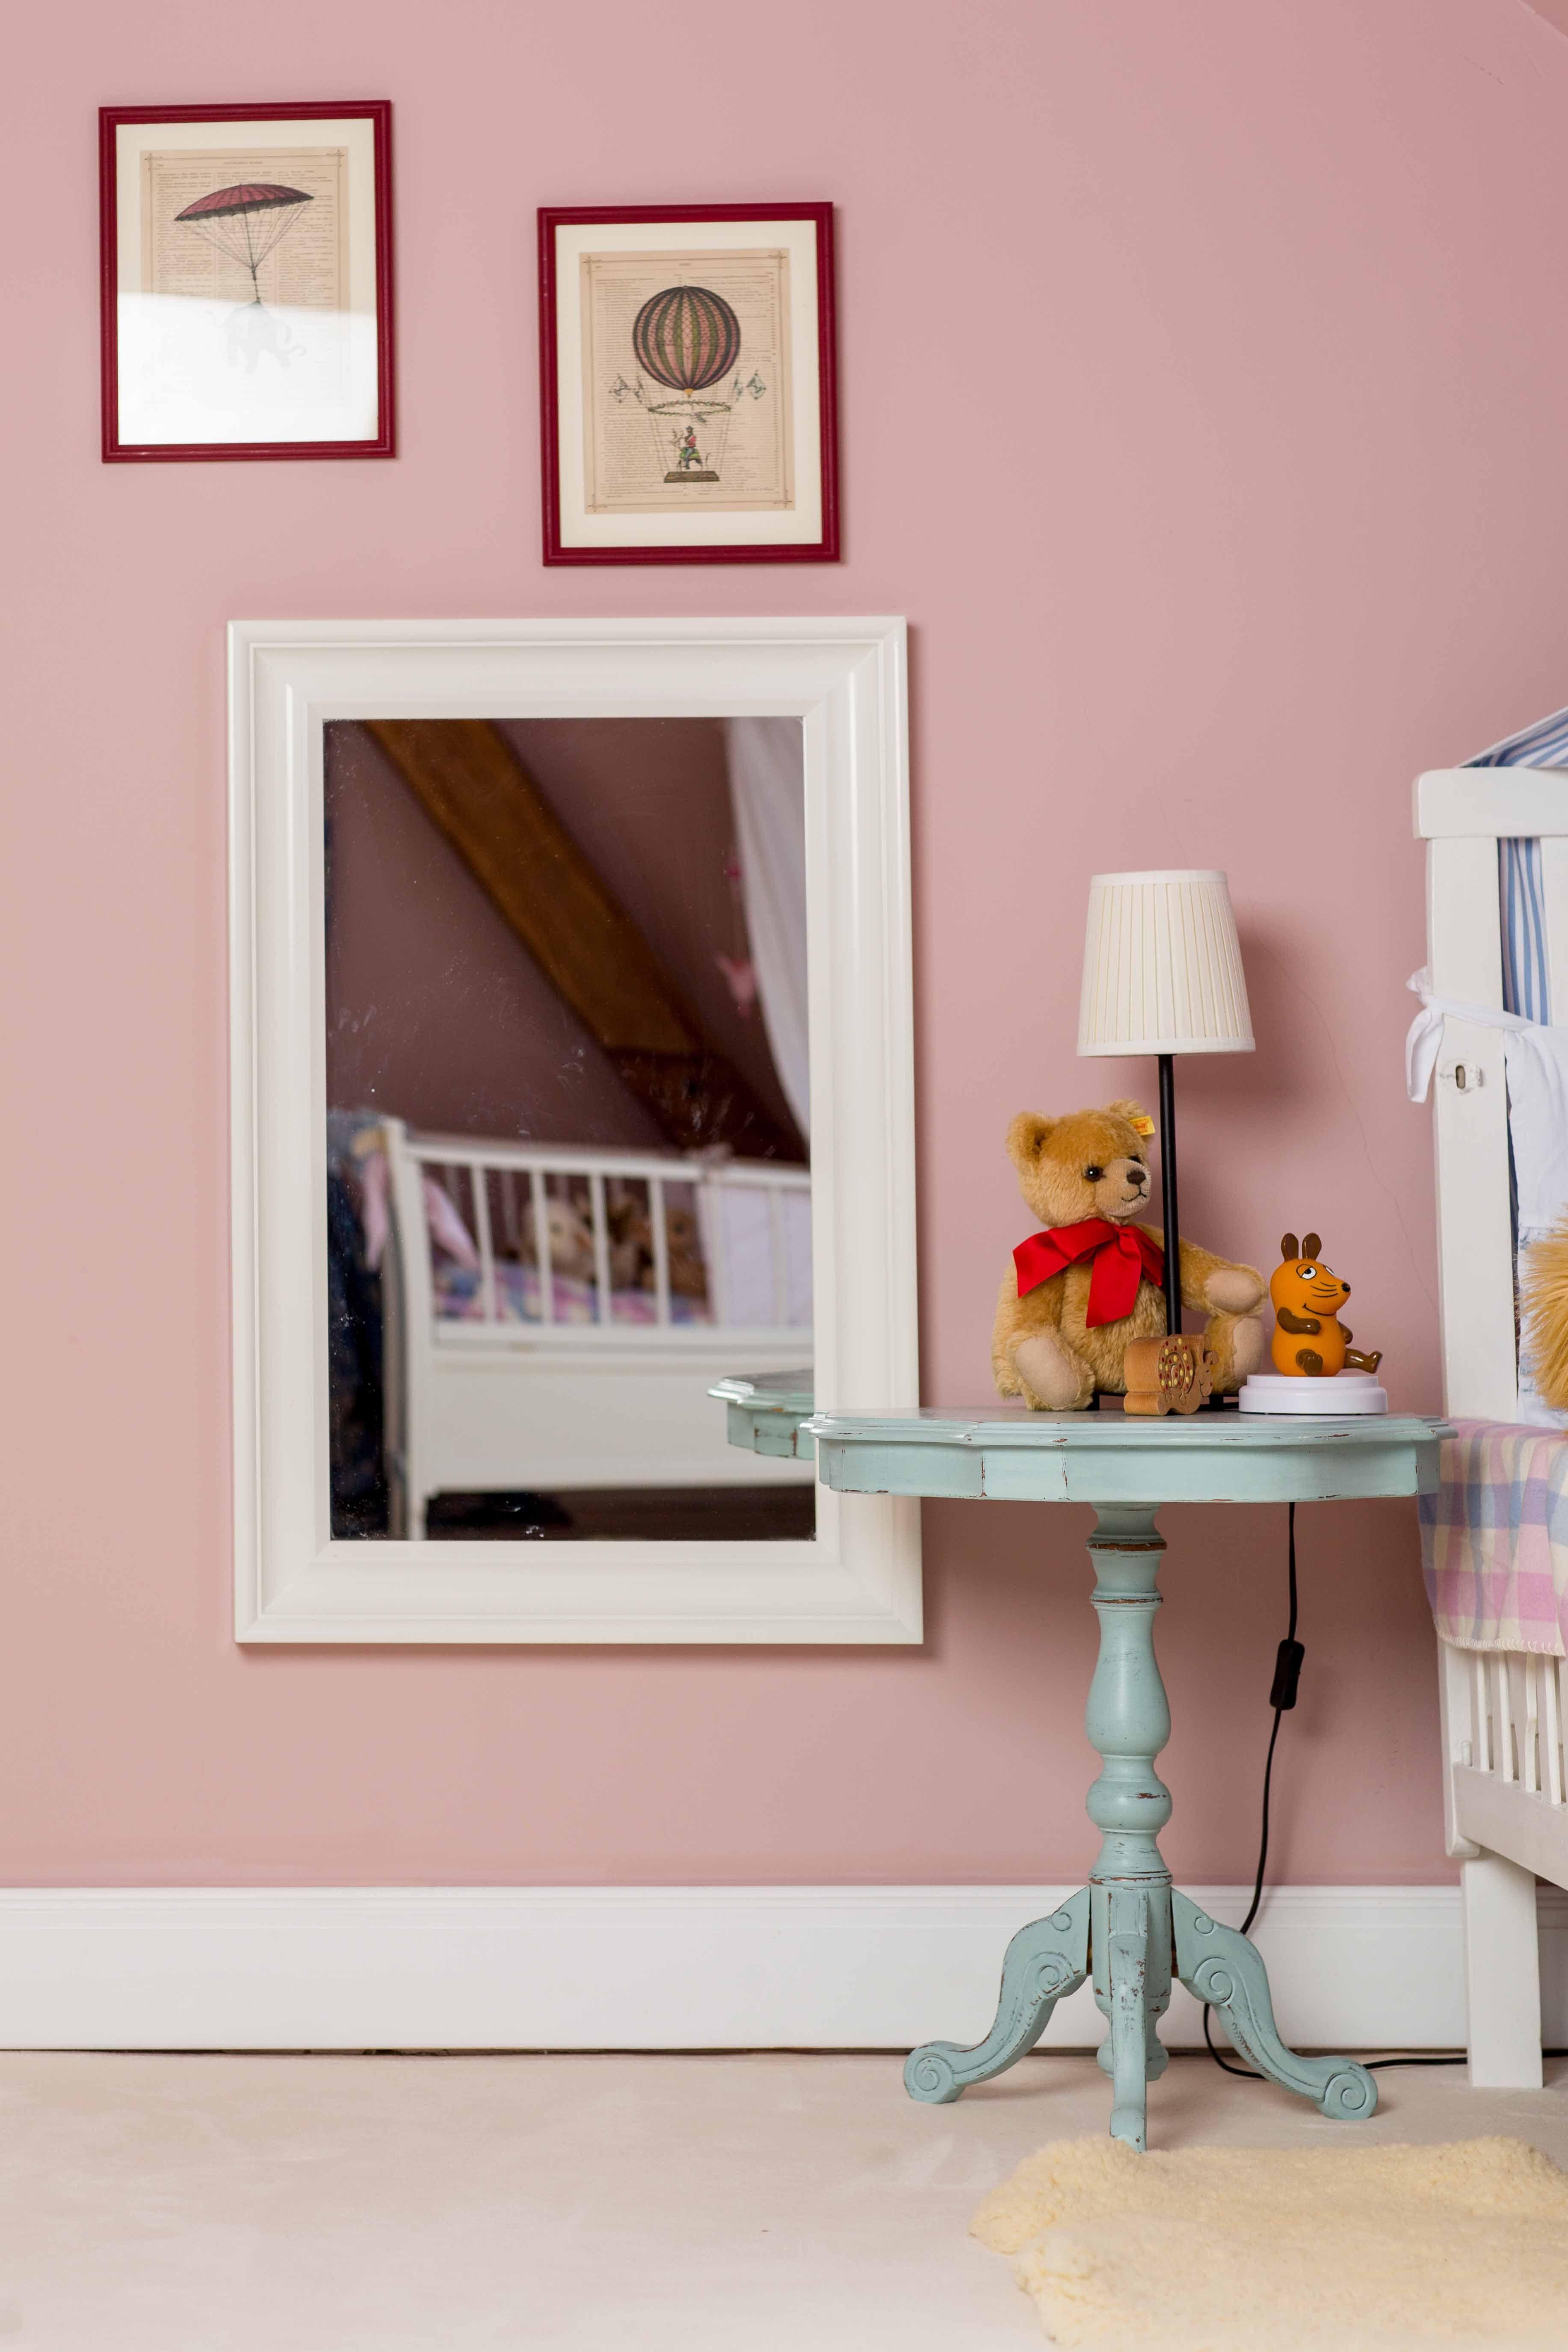 tischchen in scampolo shabby chic style m bel streichen mit kreidefarbe kreidefarben f r. Black Bedroom Furniture Sets. Home Design Ideas